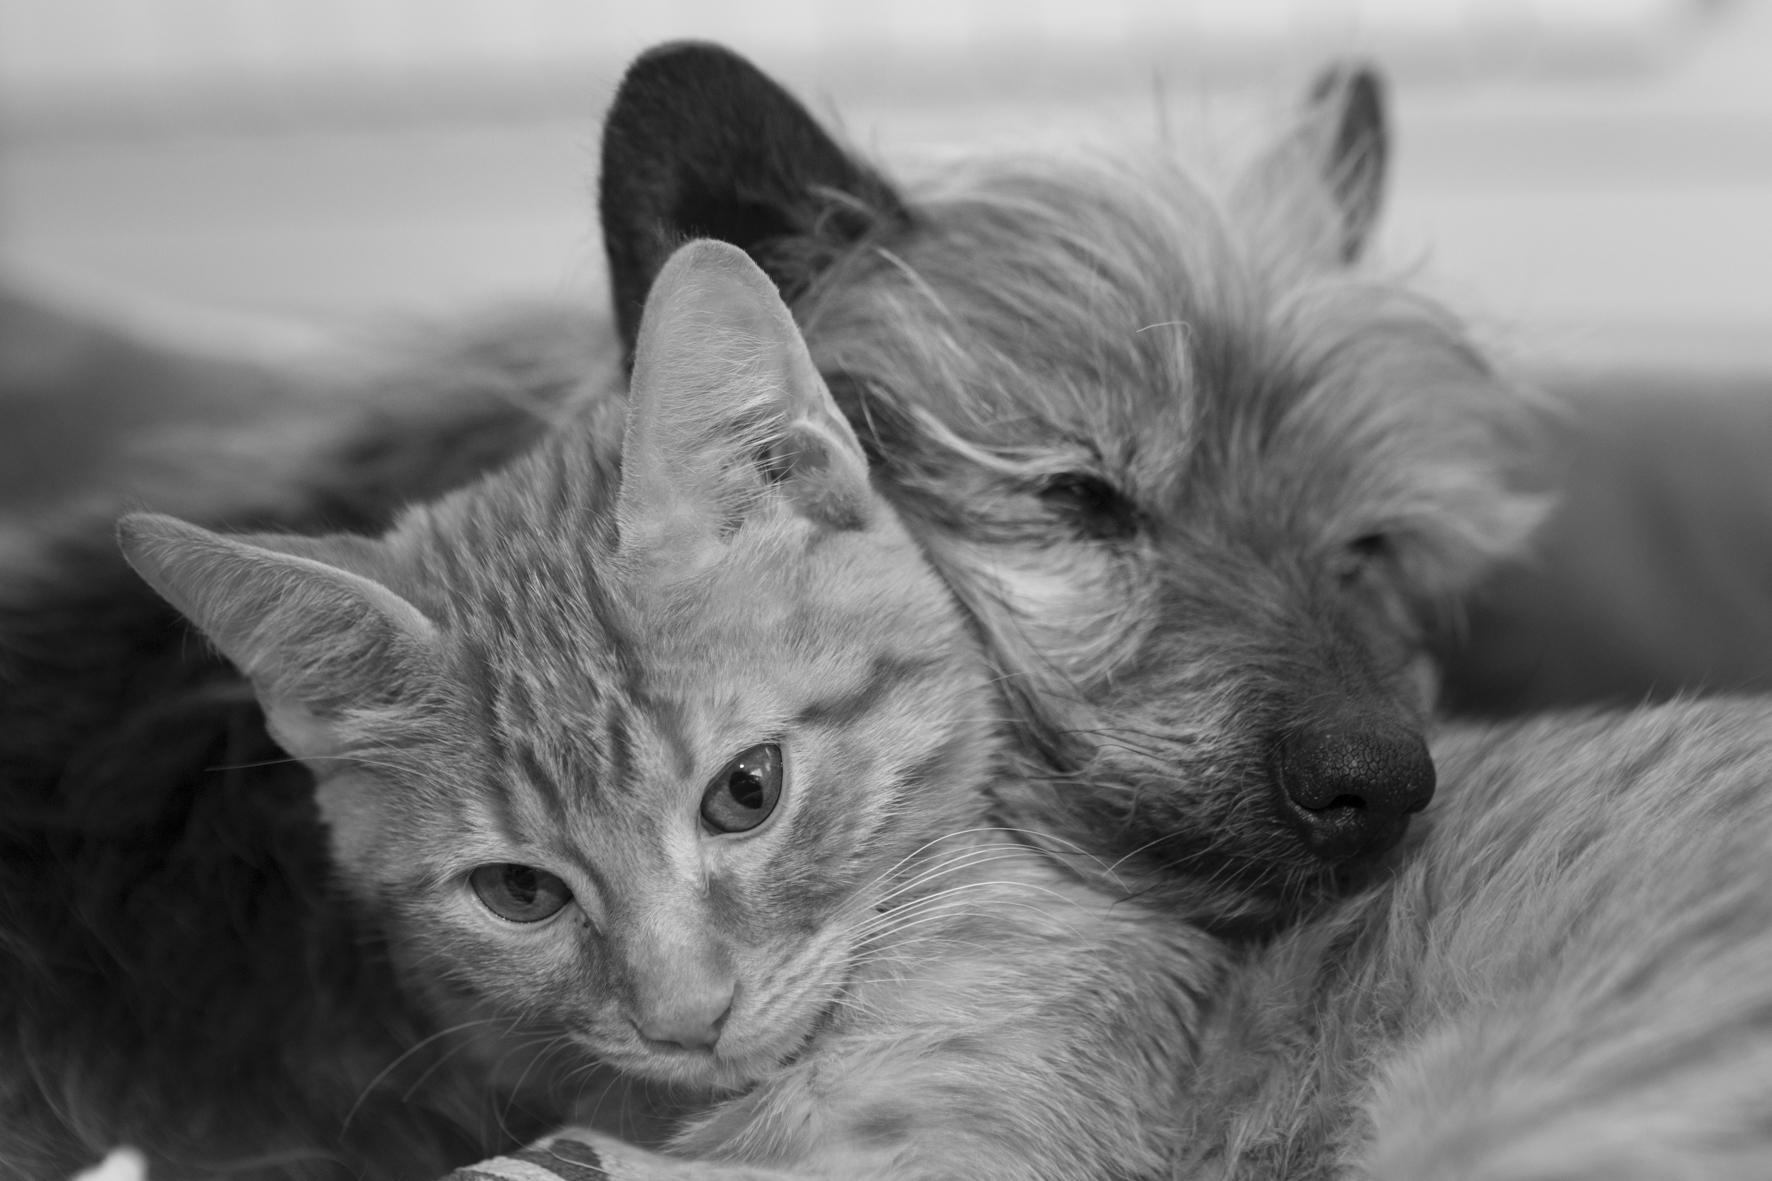 Gato y perro descansando